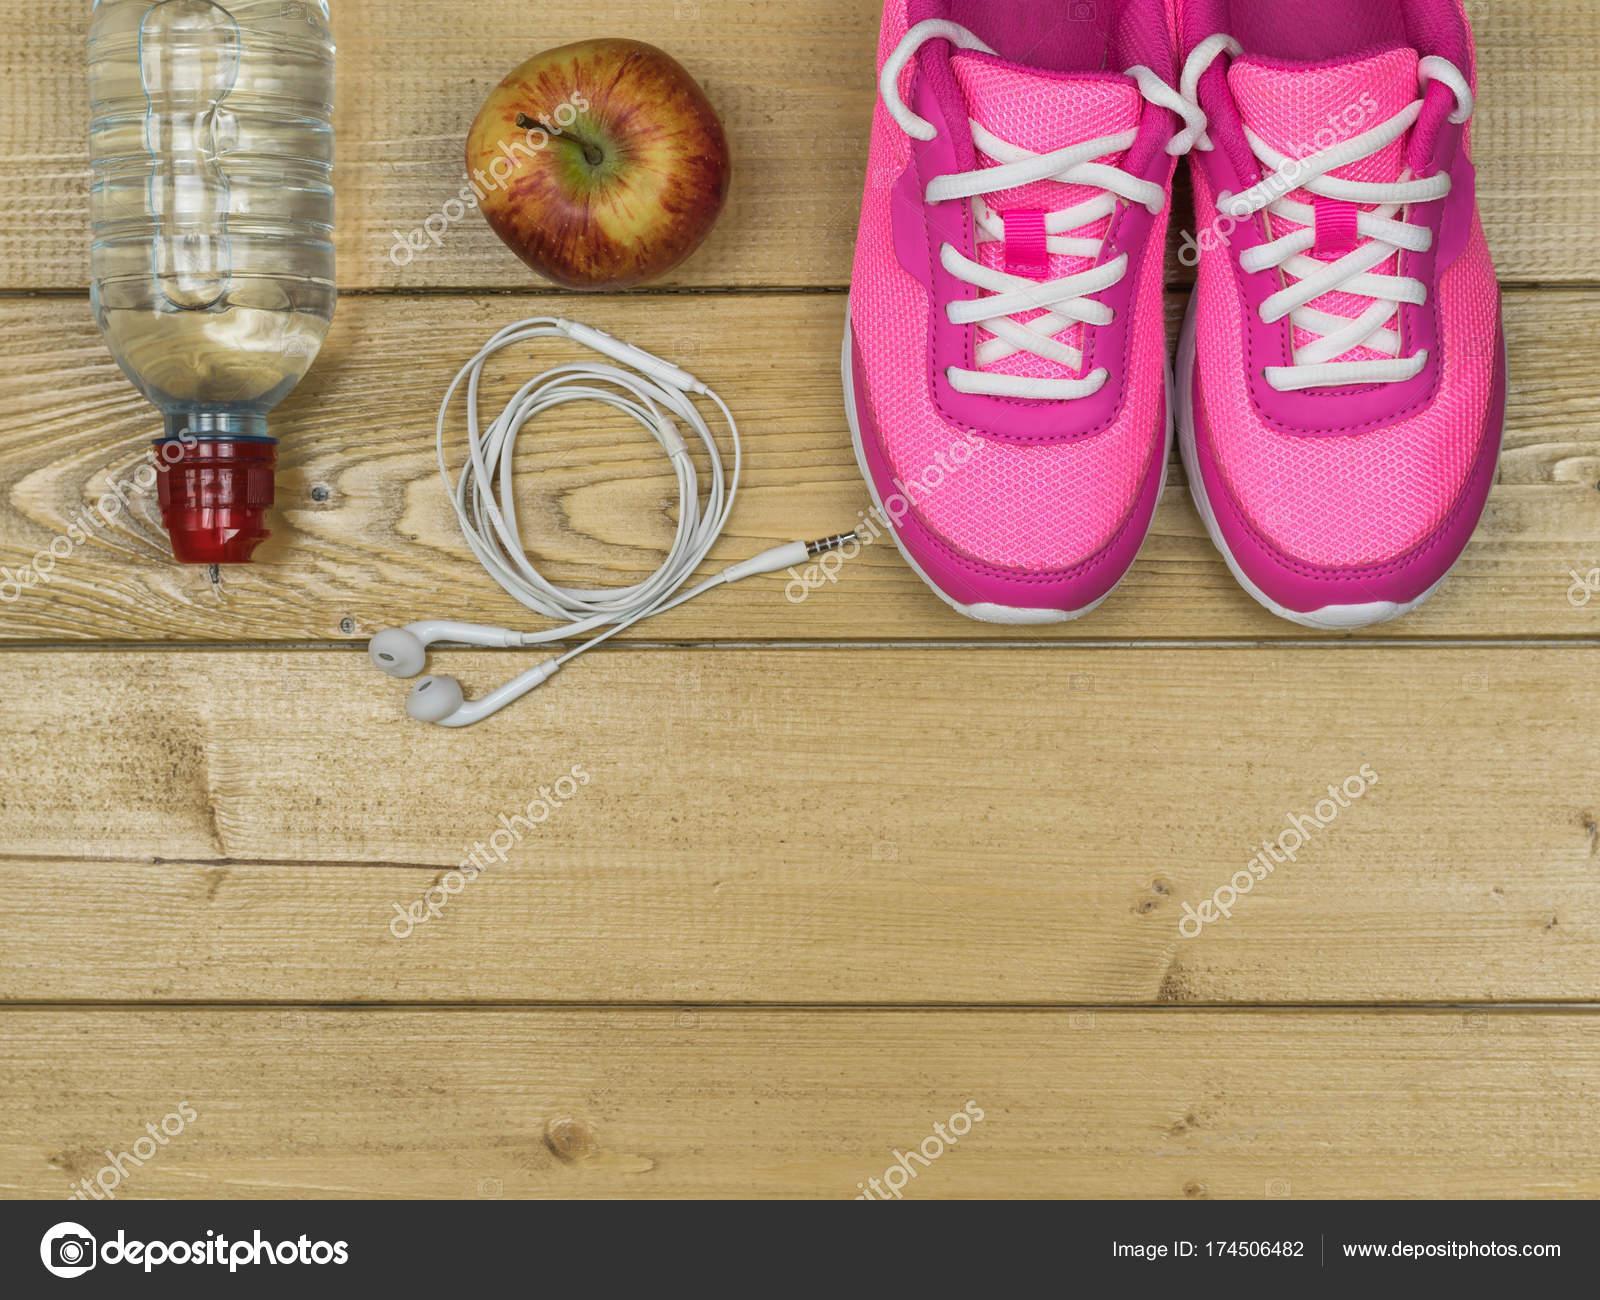 ChaussuresFür Kurse Ein Studio Und Fitness Im Rosa 9I2WEDH